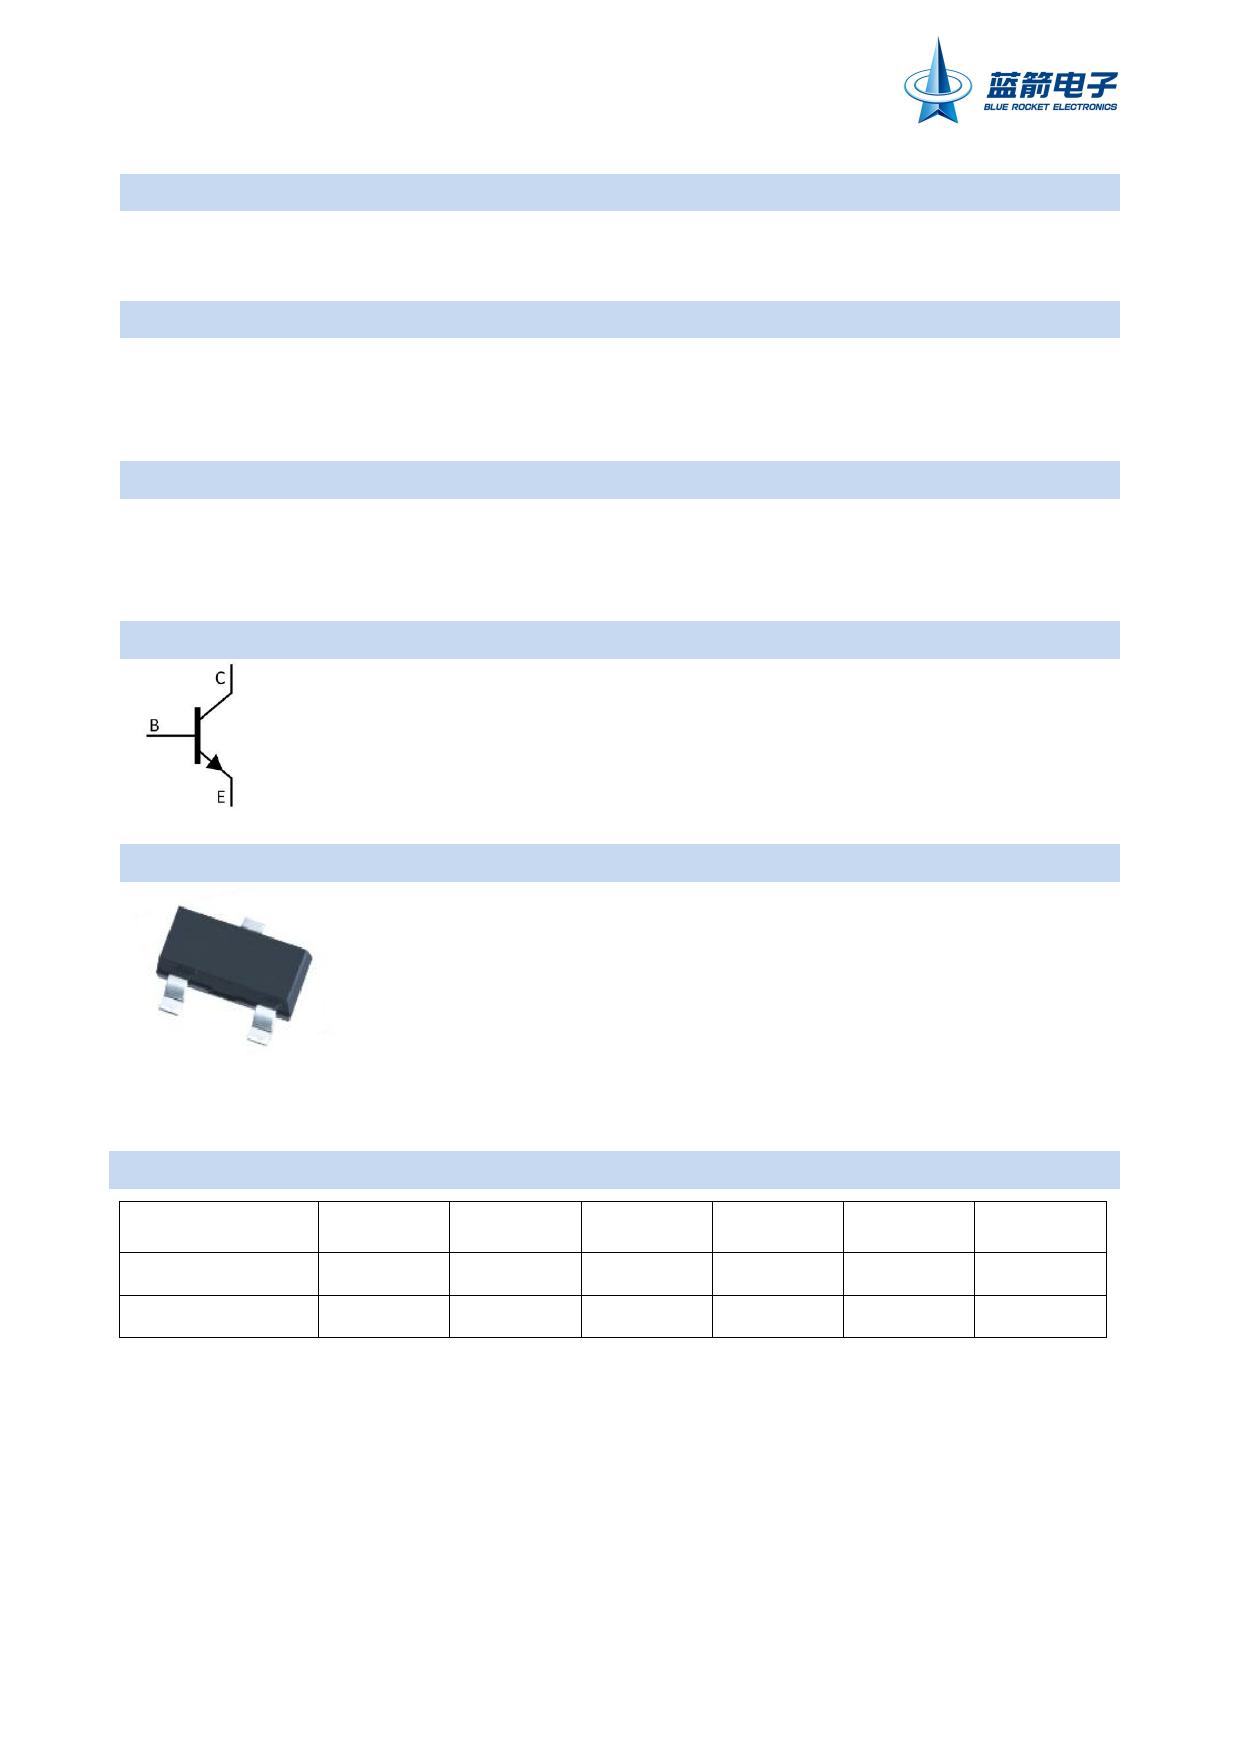 9013M datasheet